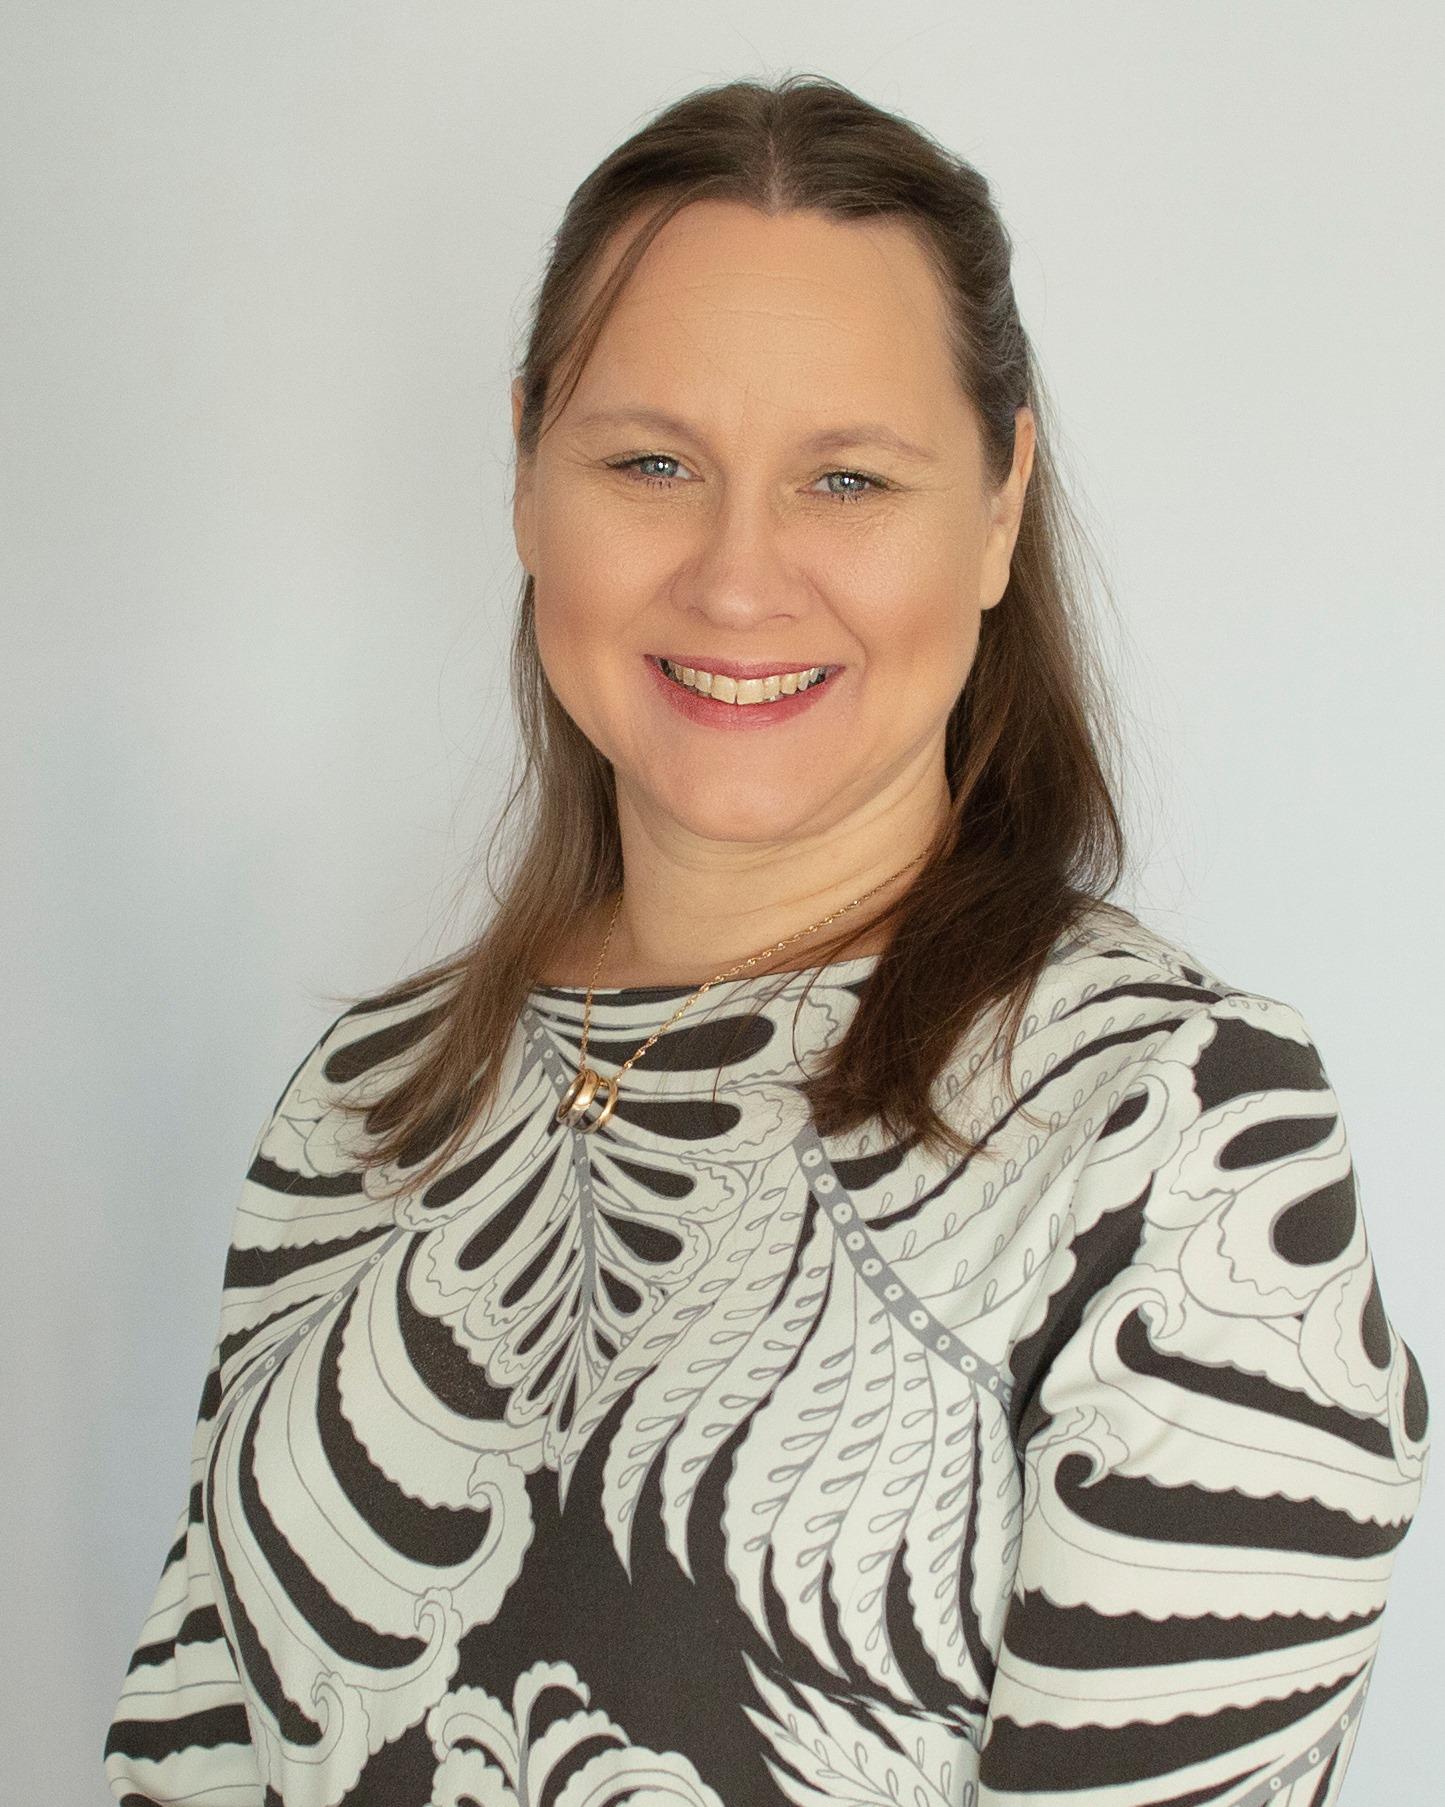 Socionom Annelie Tollehed Biller